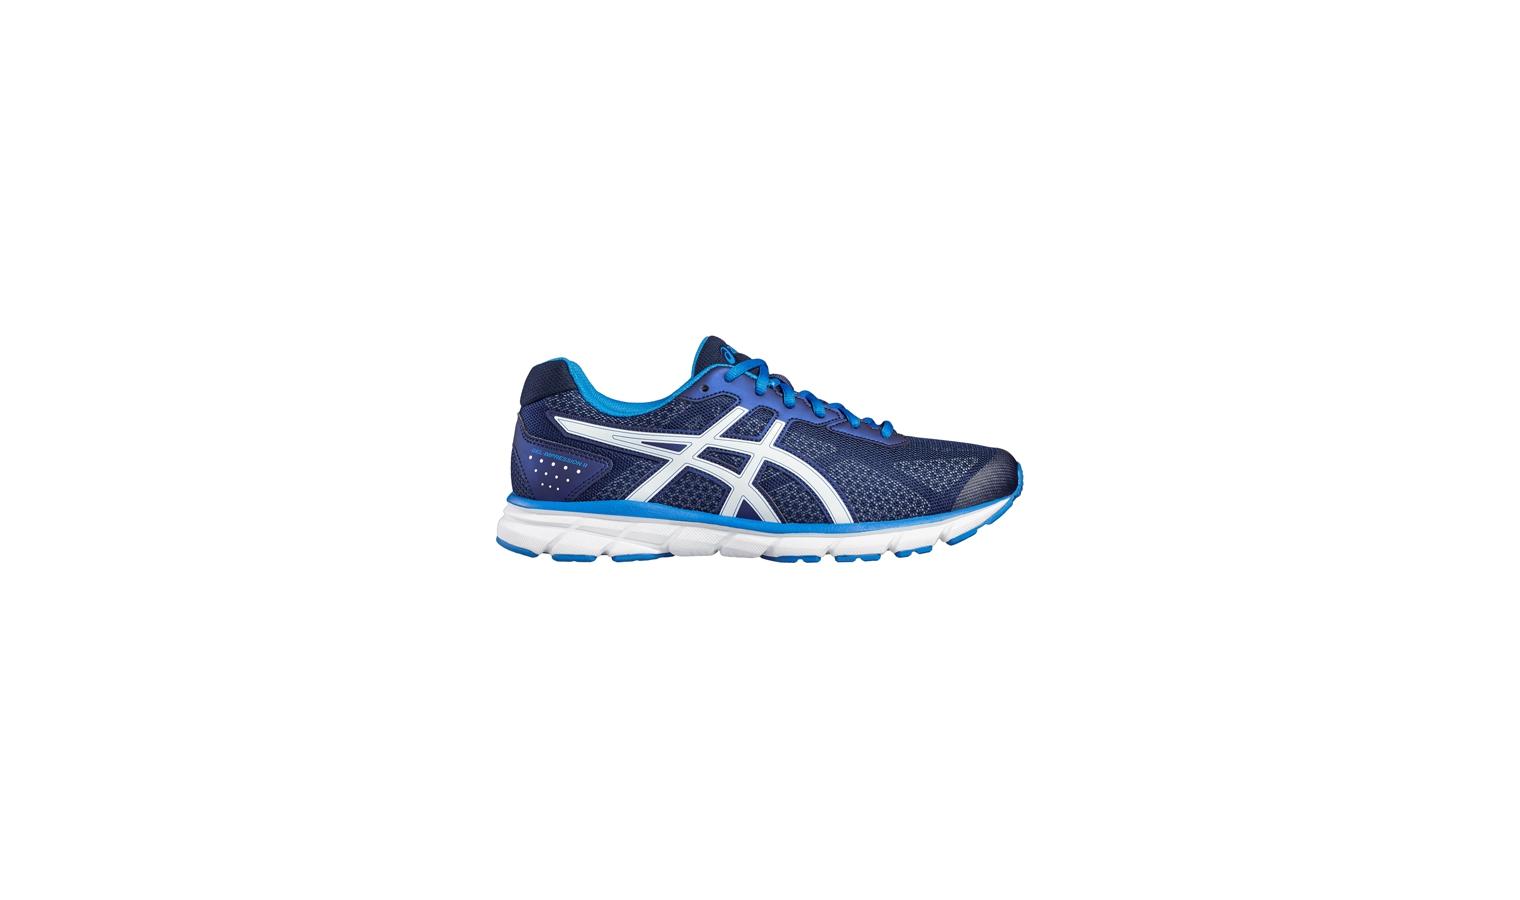 Pánske bežecké topánky Asics GEL-IMPRESSION 9 modré  85f6b8bdb4f